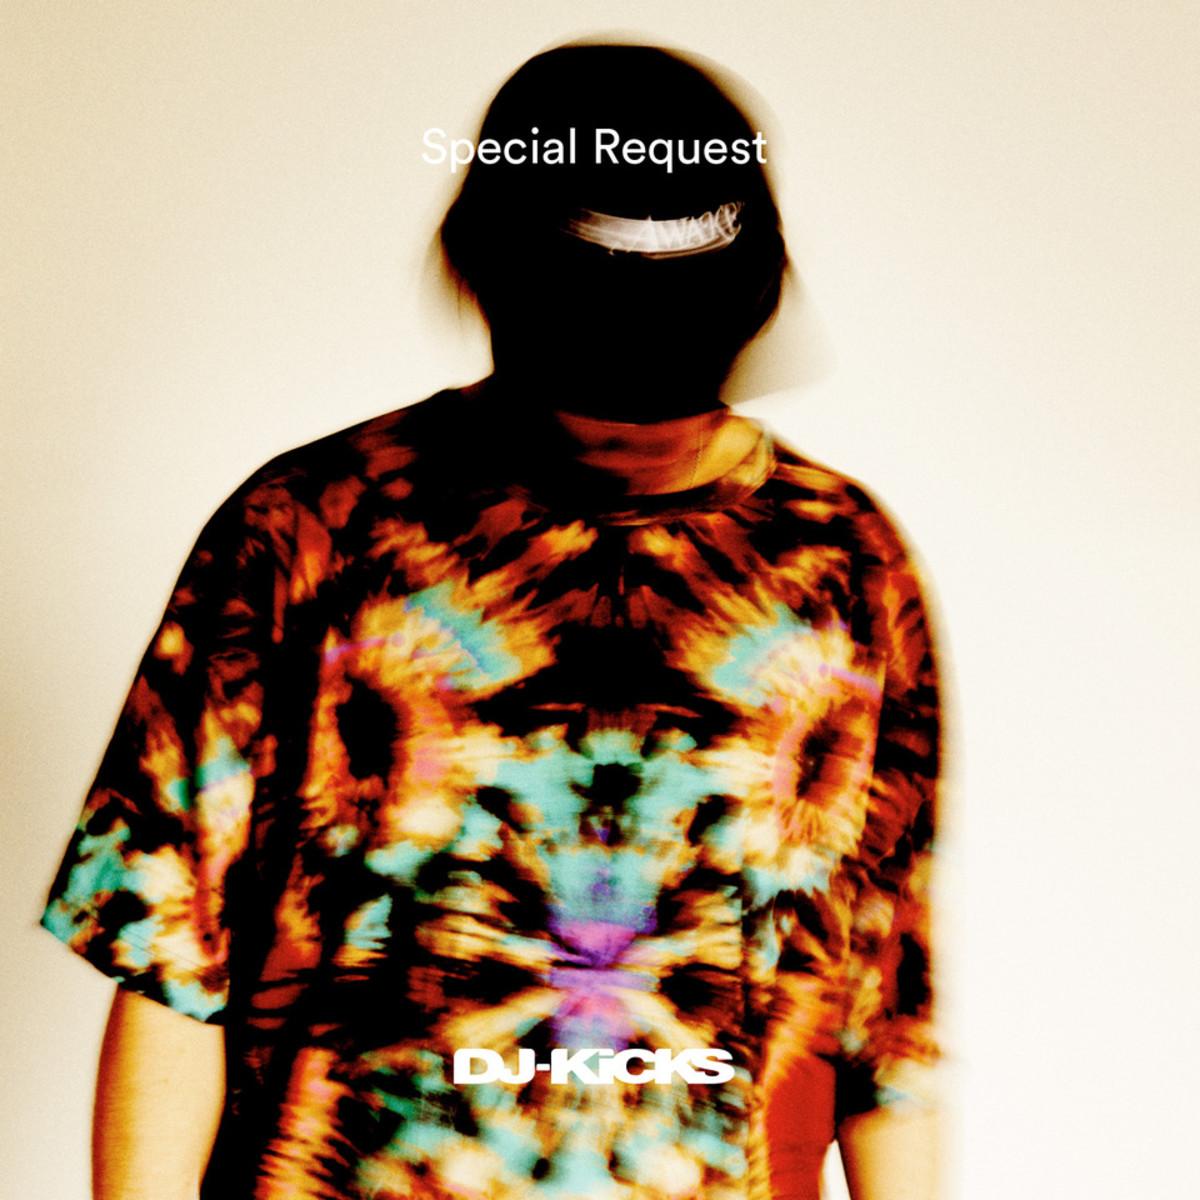 Special Request DJ-Kicks Cover